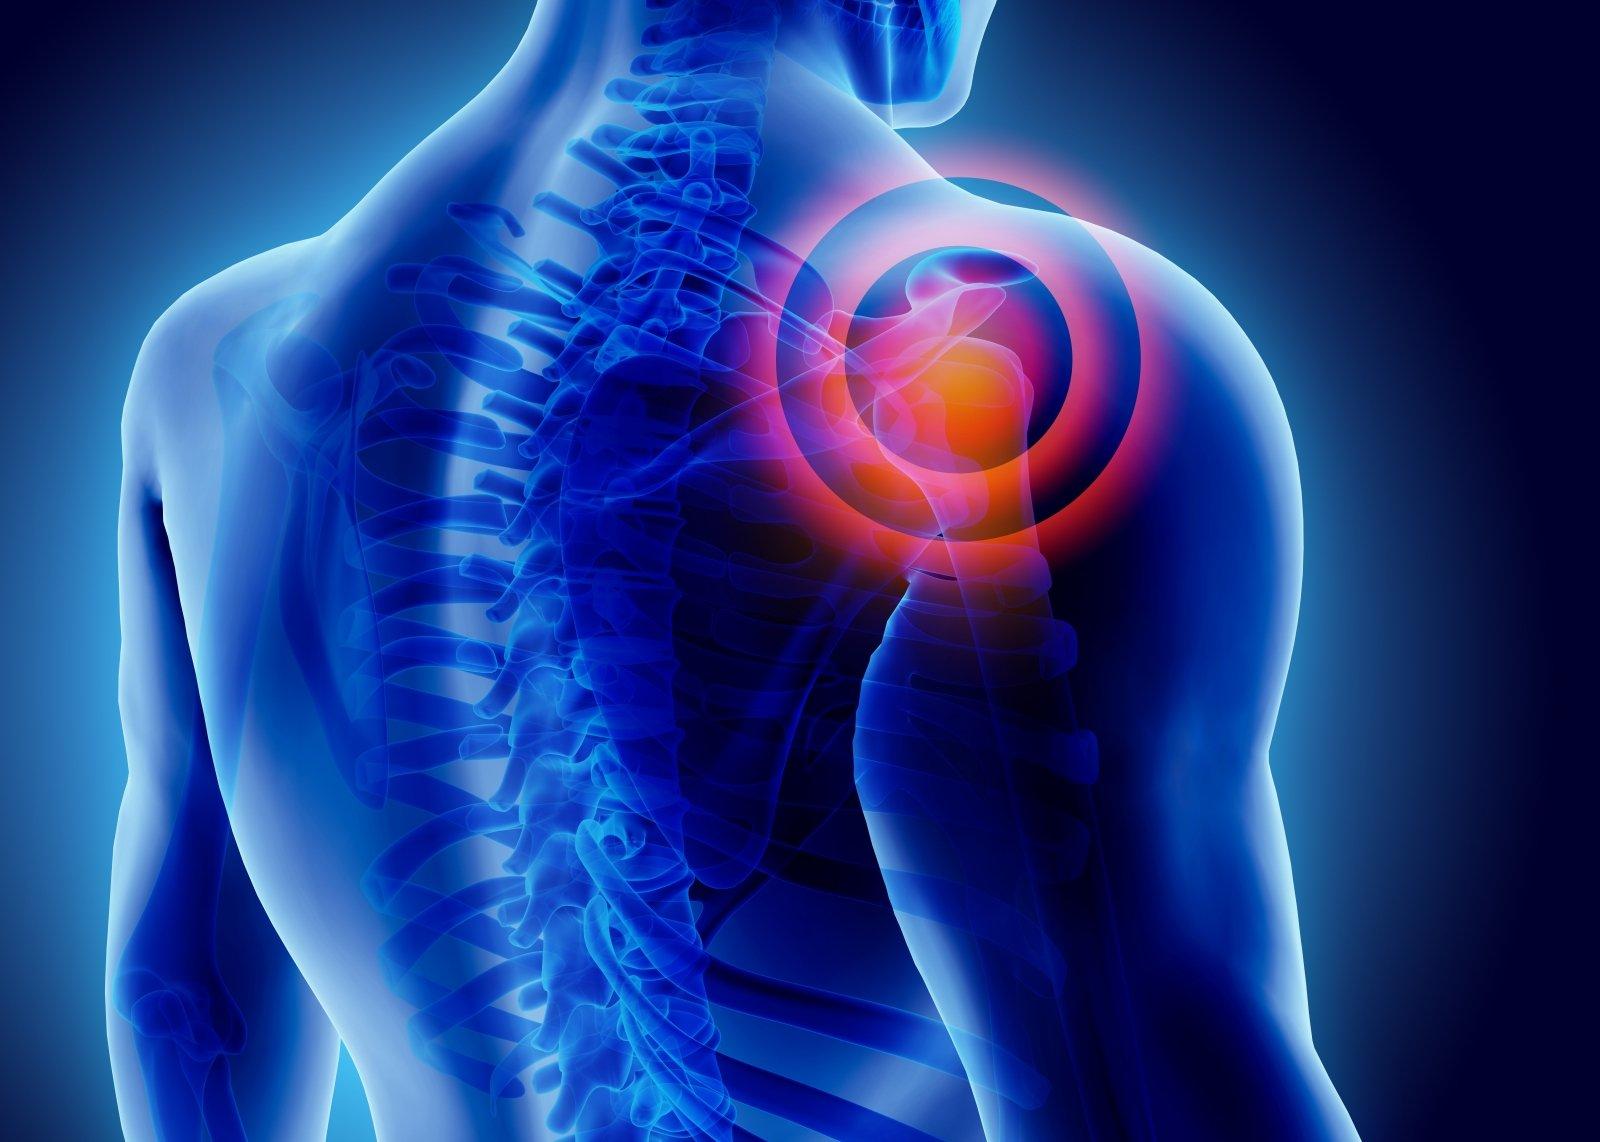 uždegimo gydymui pėdų sąnarių liaudies gynimo priemones kas yra gydomi artrozės ir artrito